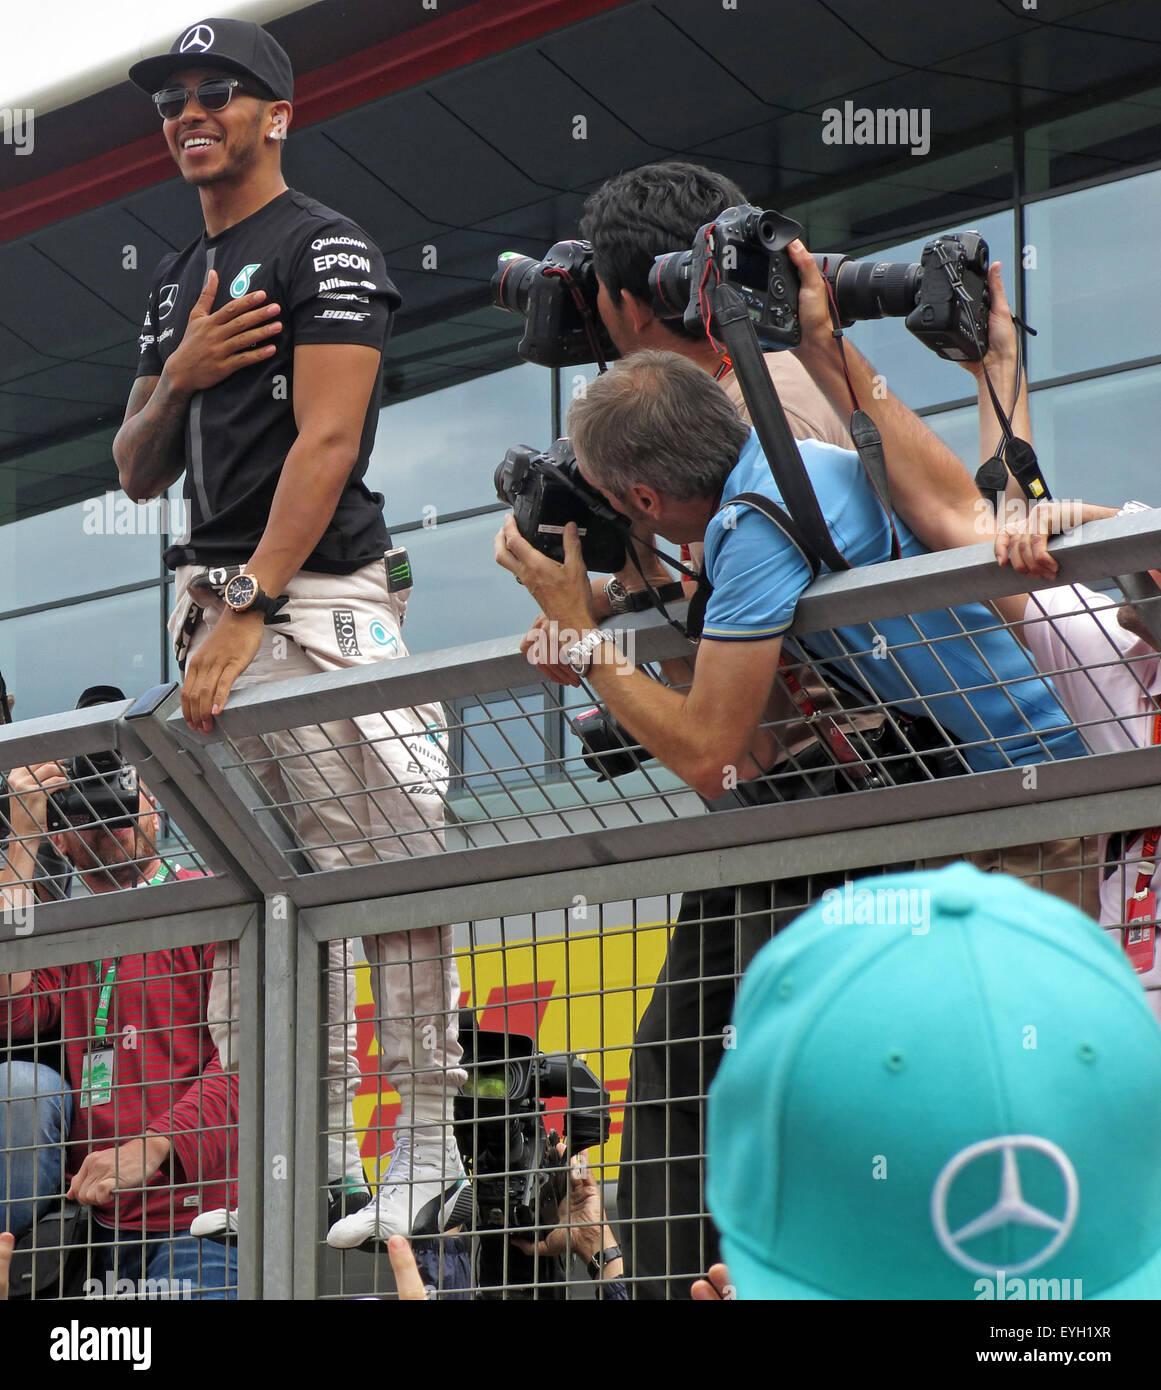 Laden Sie dieses Alamy Stockfoto Lewis Hamilton in der Boxengasse, Silverstone F1 Grand Prix 2015 - EYH1XR